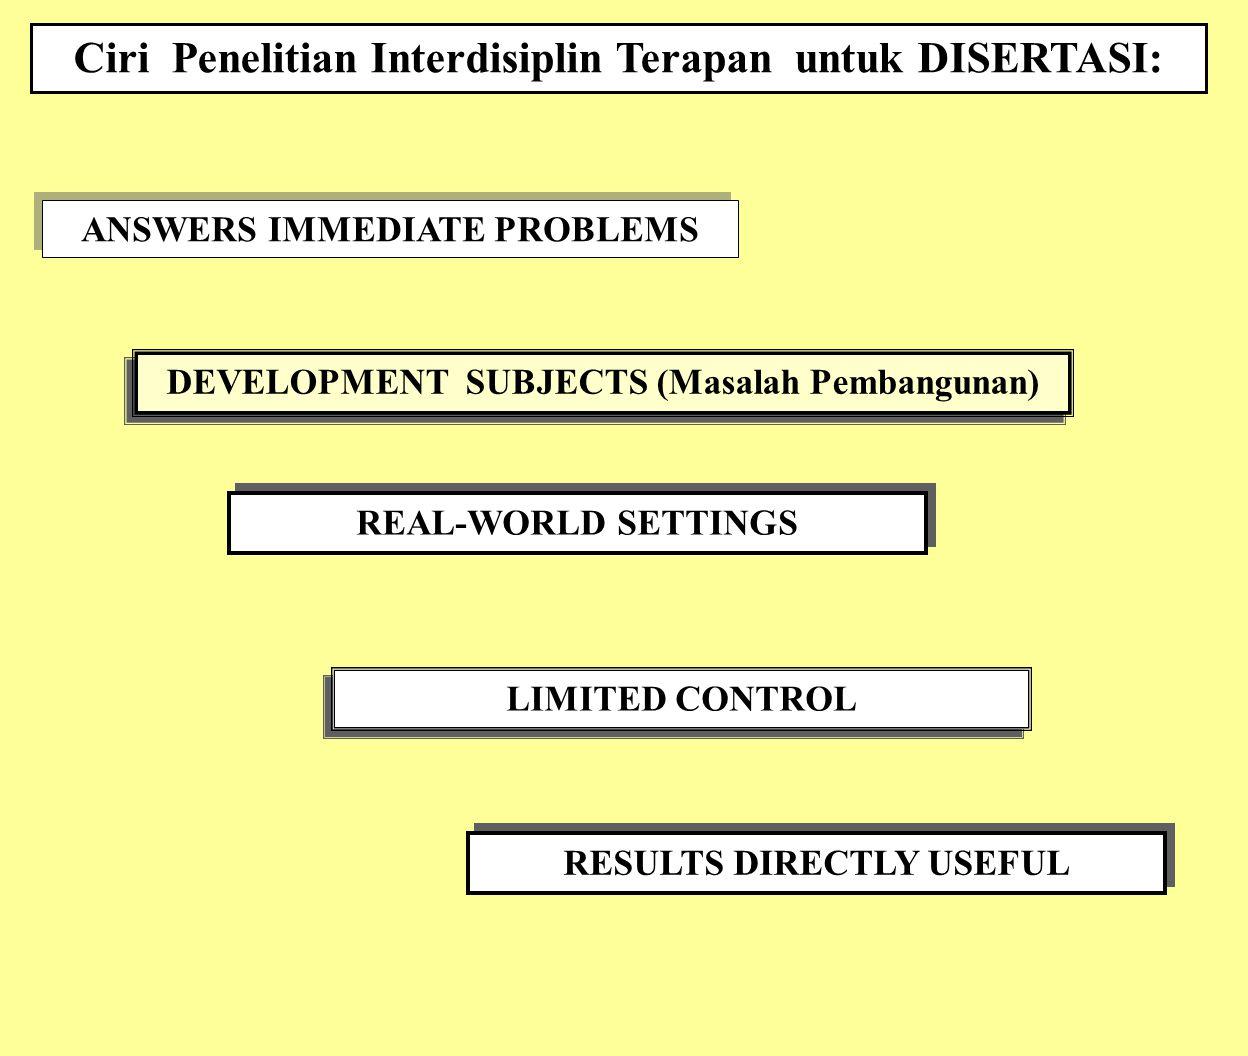 ANSWERS IMMEDIATE PROBLEMS Ciri Penelitian Interdisiplin Terapan untuk DISERTASI: DEVELOPMENT SUBJECTS (Masalah Pembangunan) REAL-WORLD SETTINGS LIMIT